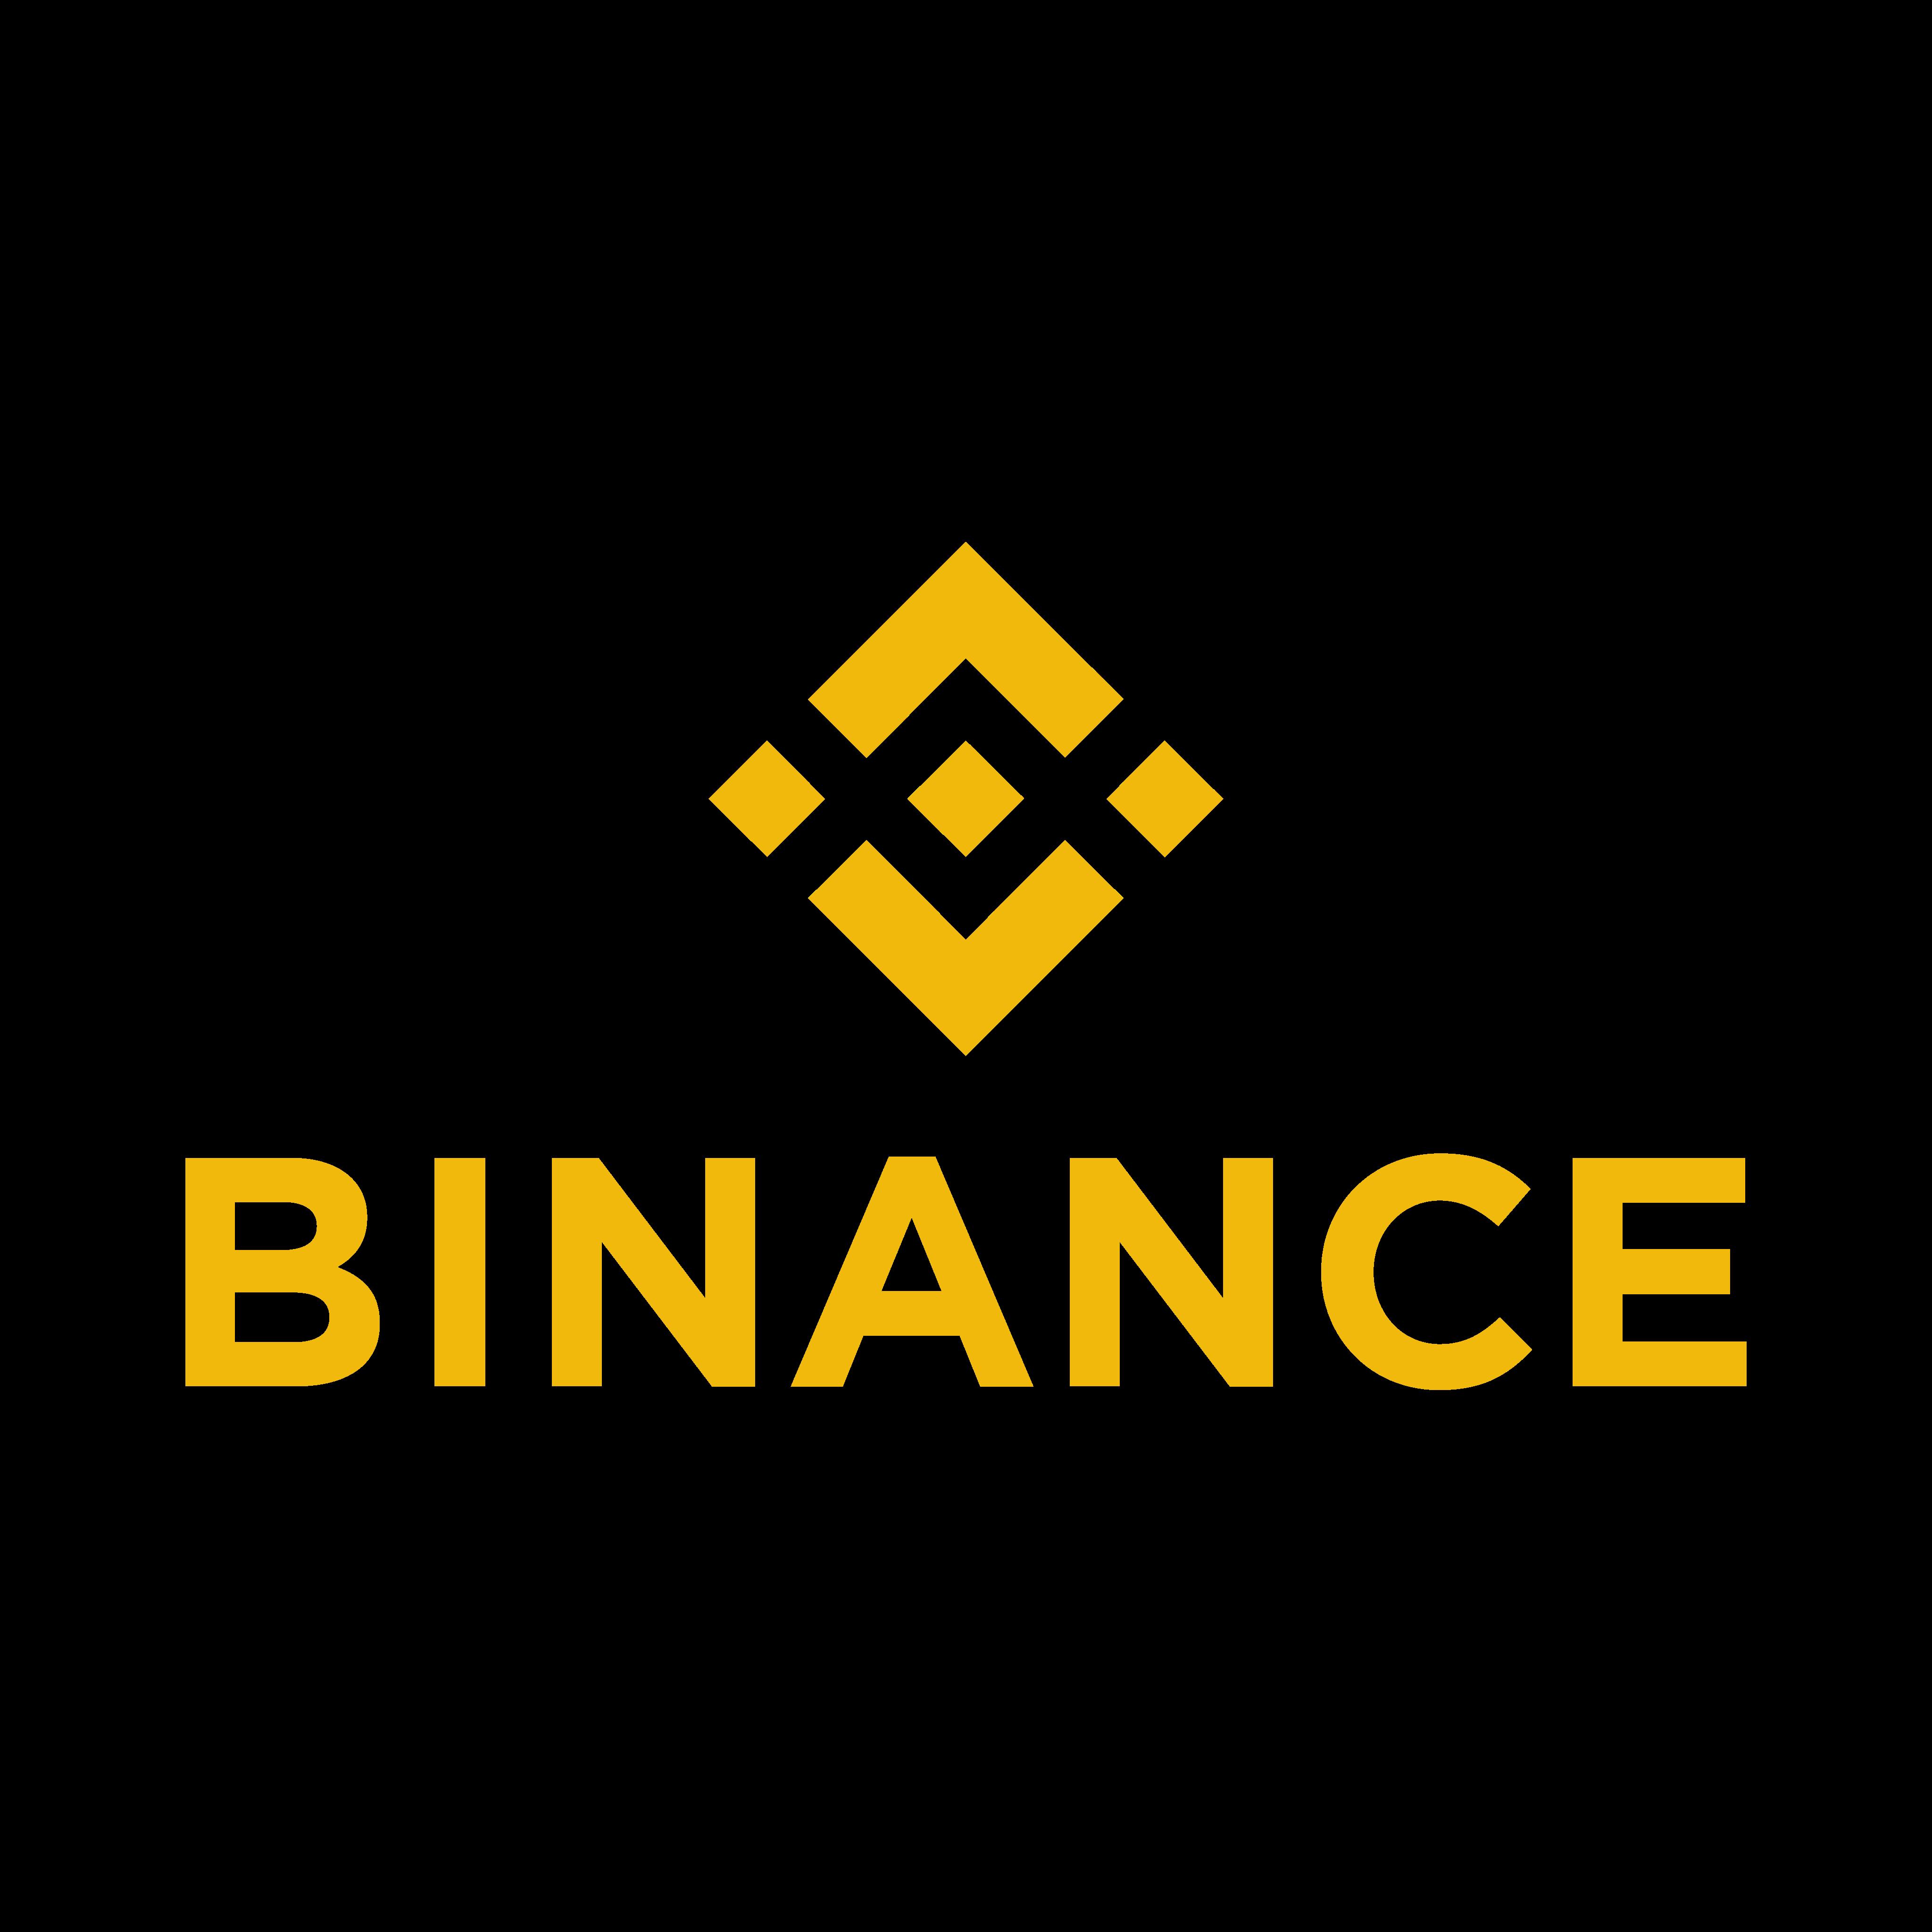 binance logo 0 - Binance Logo